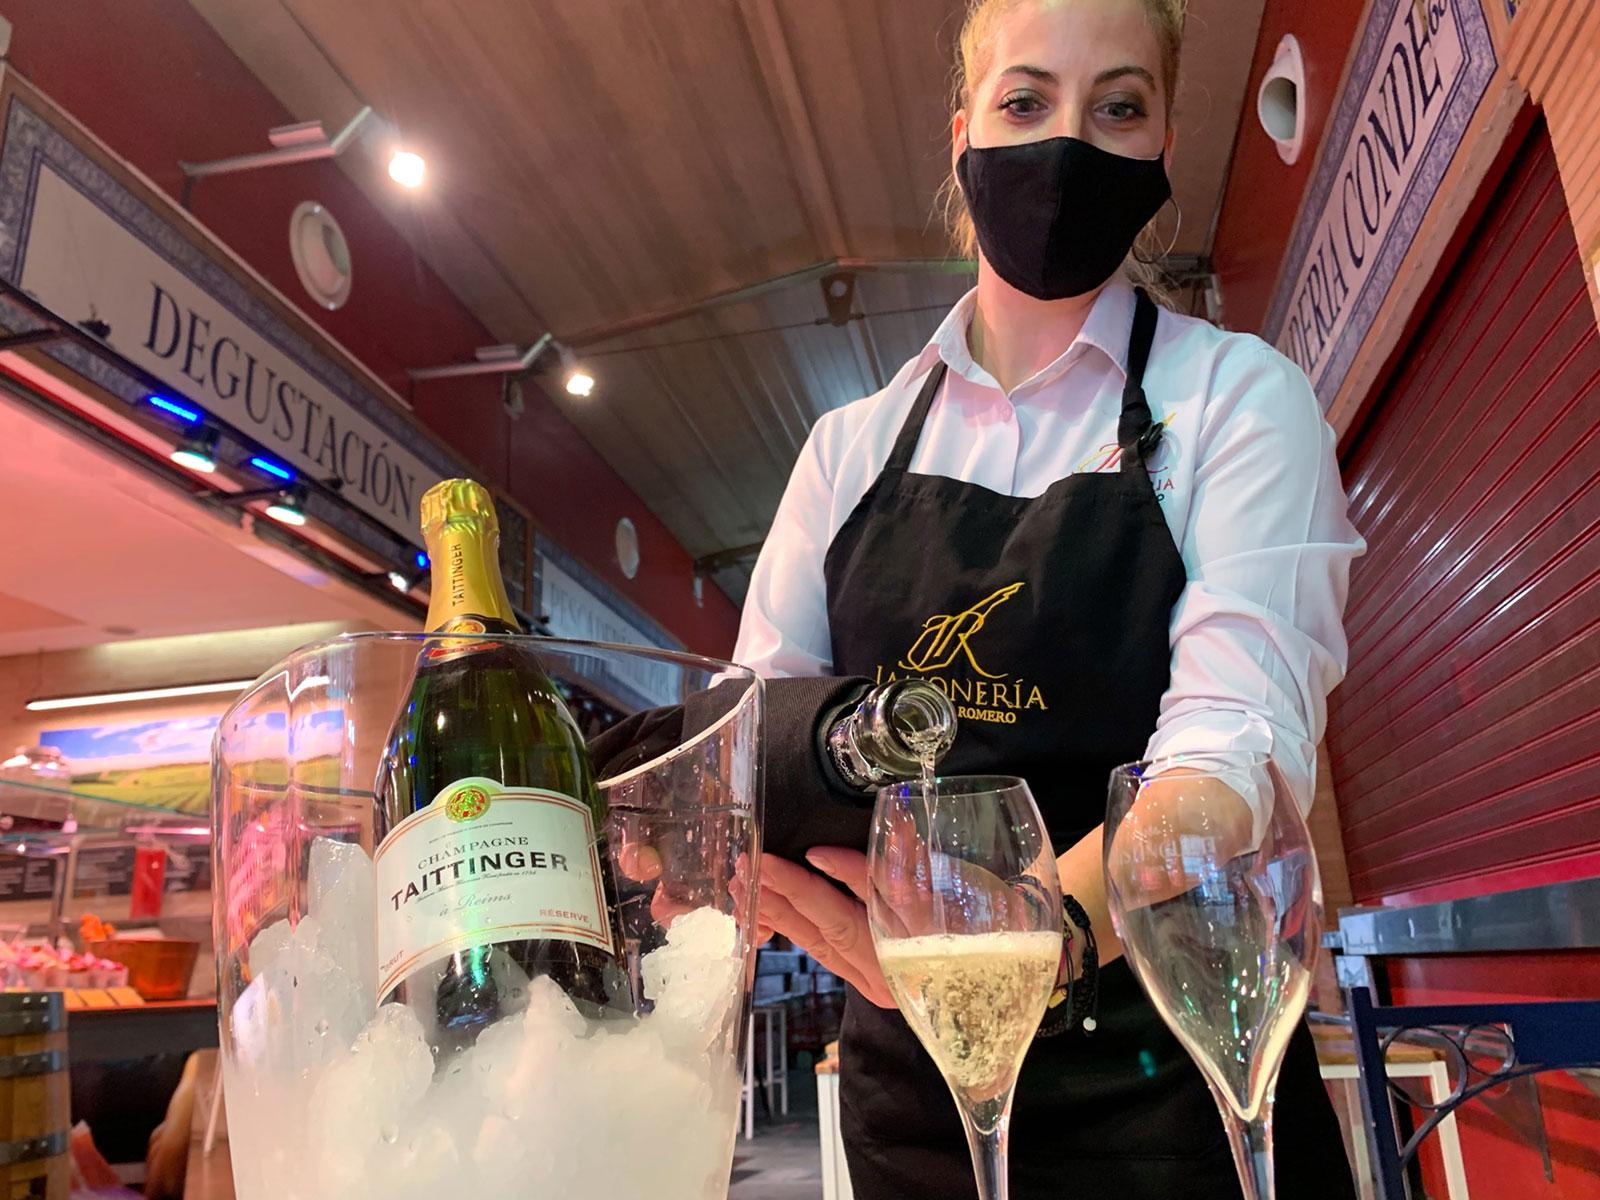 Selección de vinos por copa, cavas y Champagne en la zona de degustación en Jamonería José Luis Romero. Champagne Taittinger.